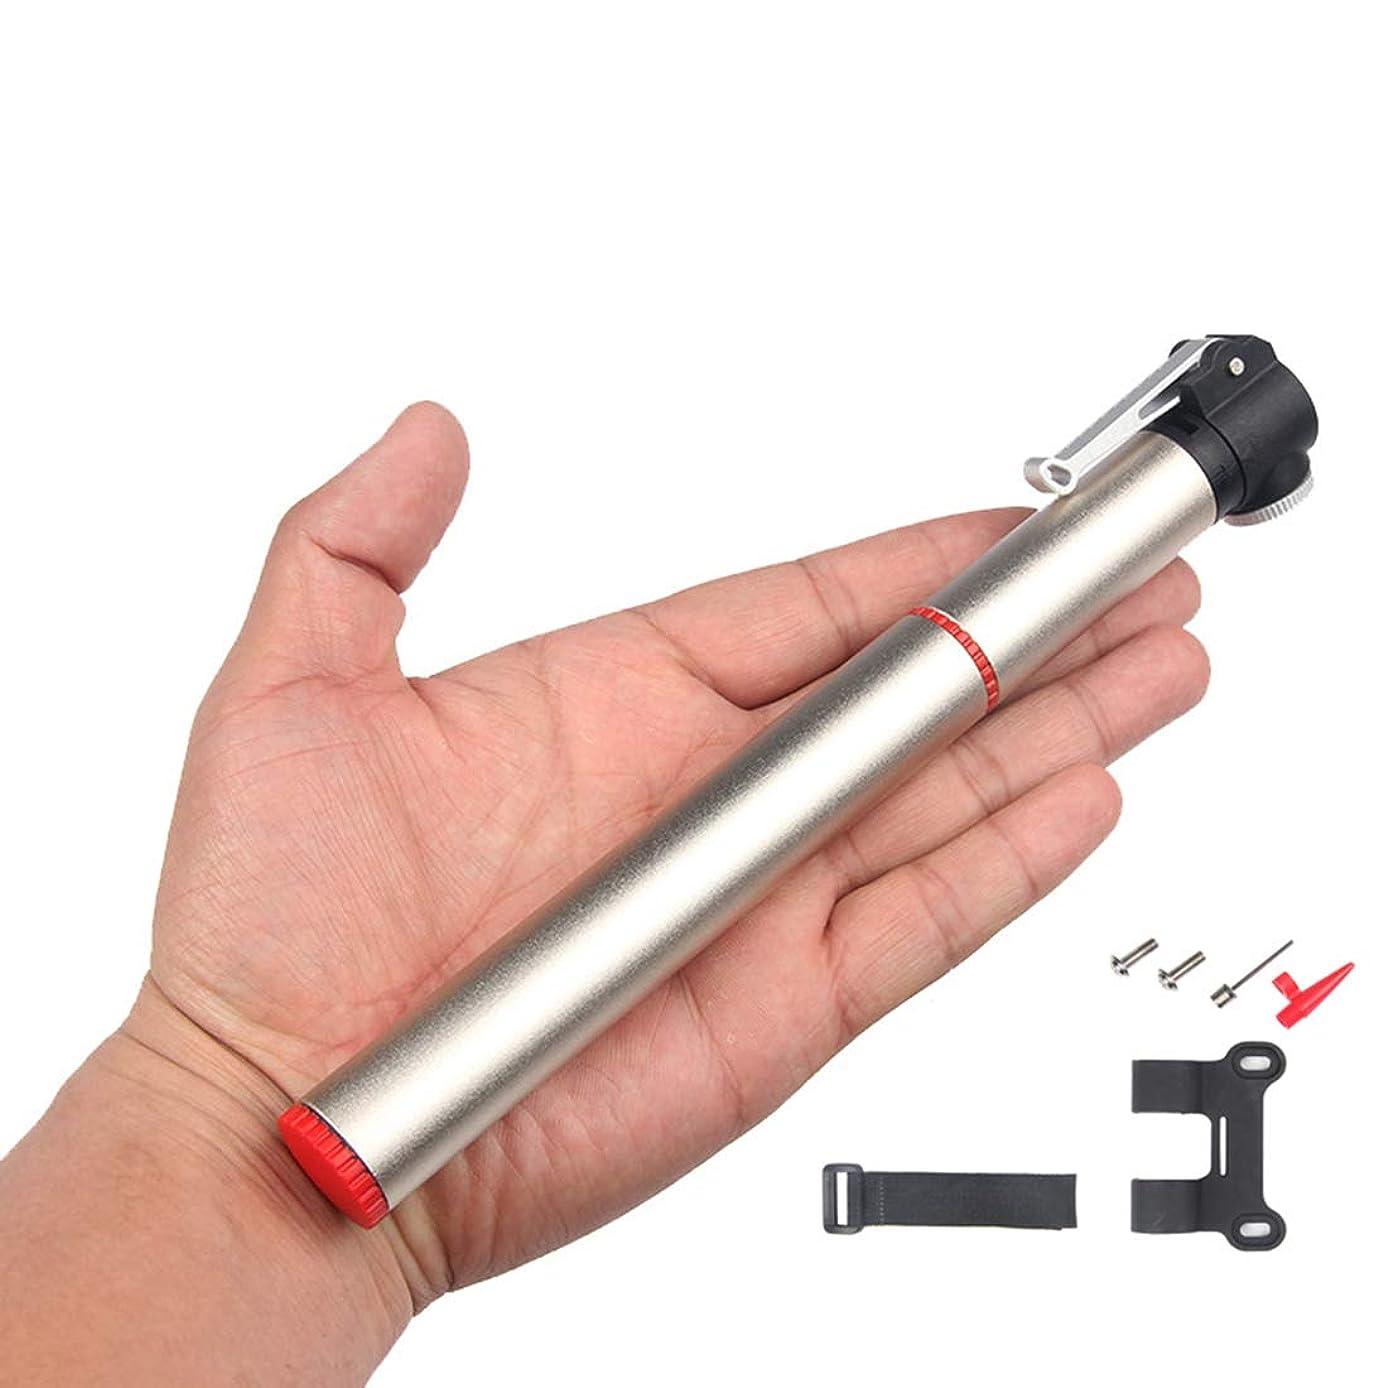 達成可能肉屋取り消すUSUNO ポータブルポケットポンプ 自転車ポンプ ボールポンプ エアポンプ 仏式と米式バルブに対応 高圧120PSI対応 アルミ合金